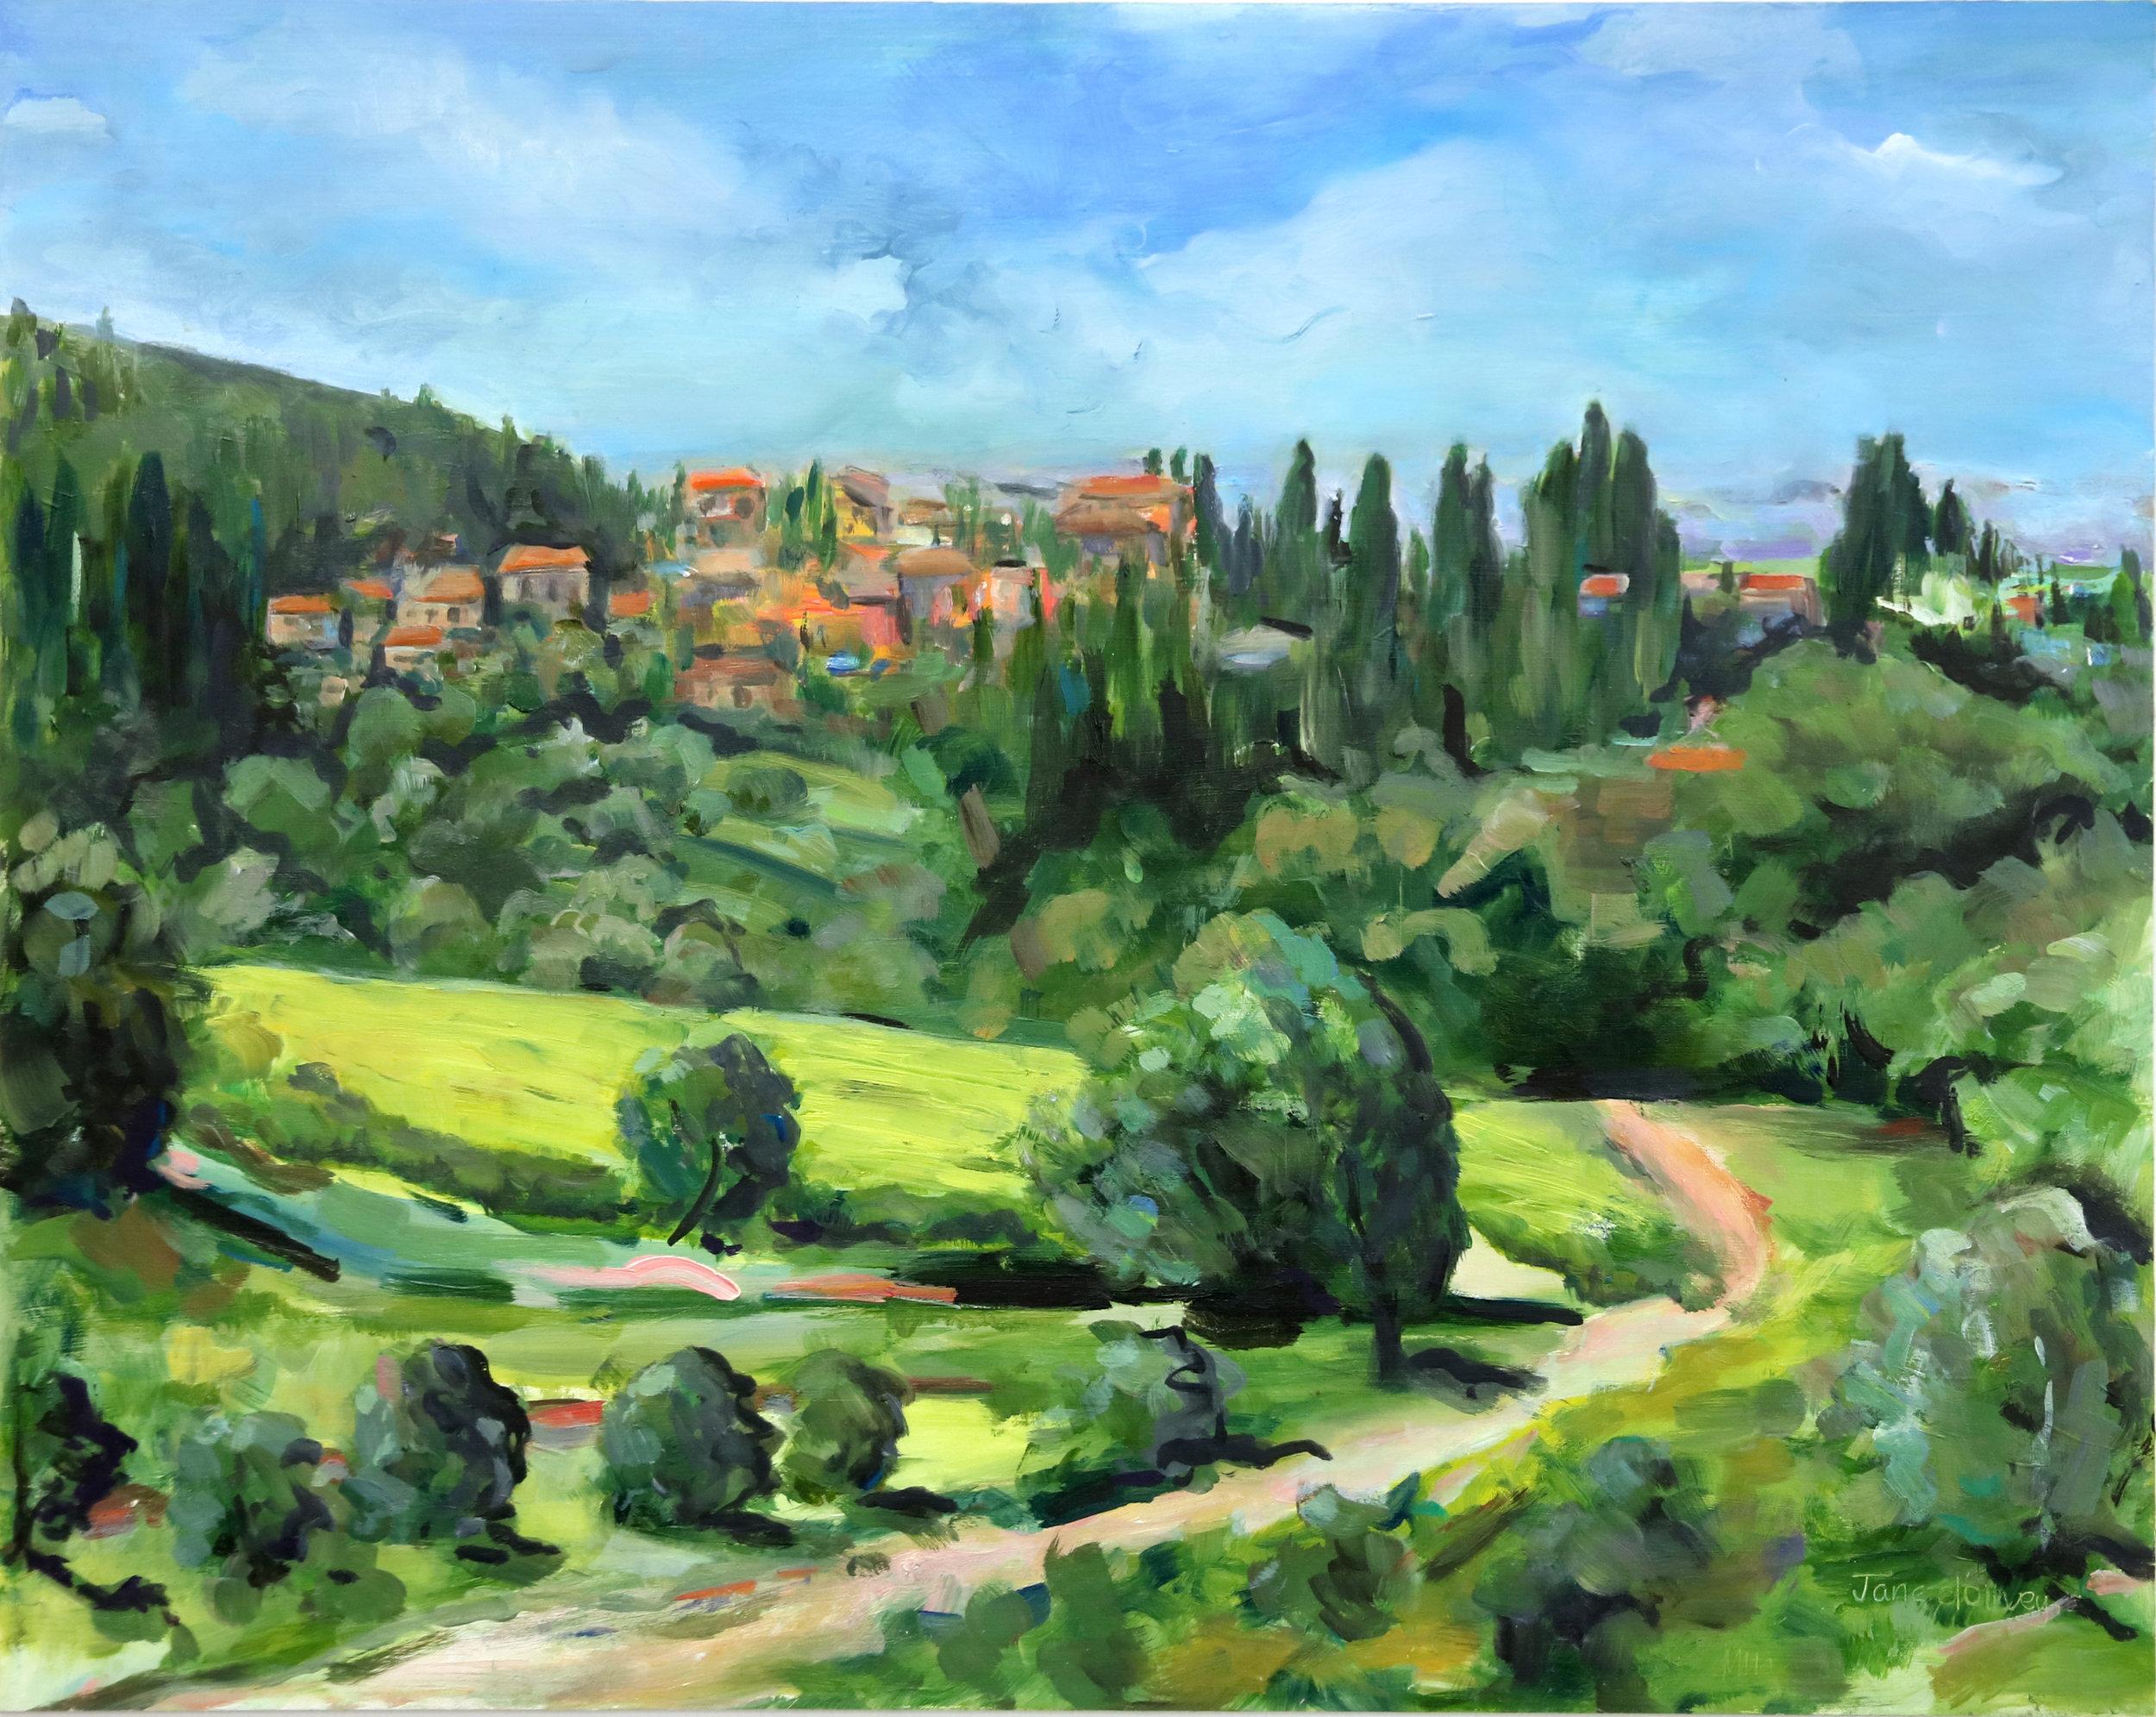 Jane D'Oliveyra, Towards Panzano